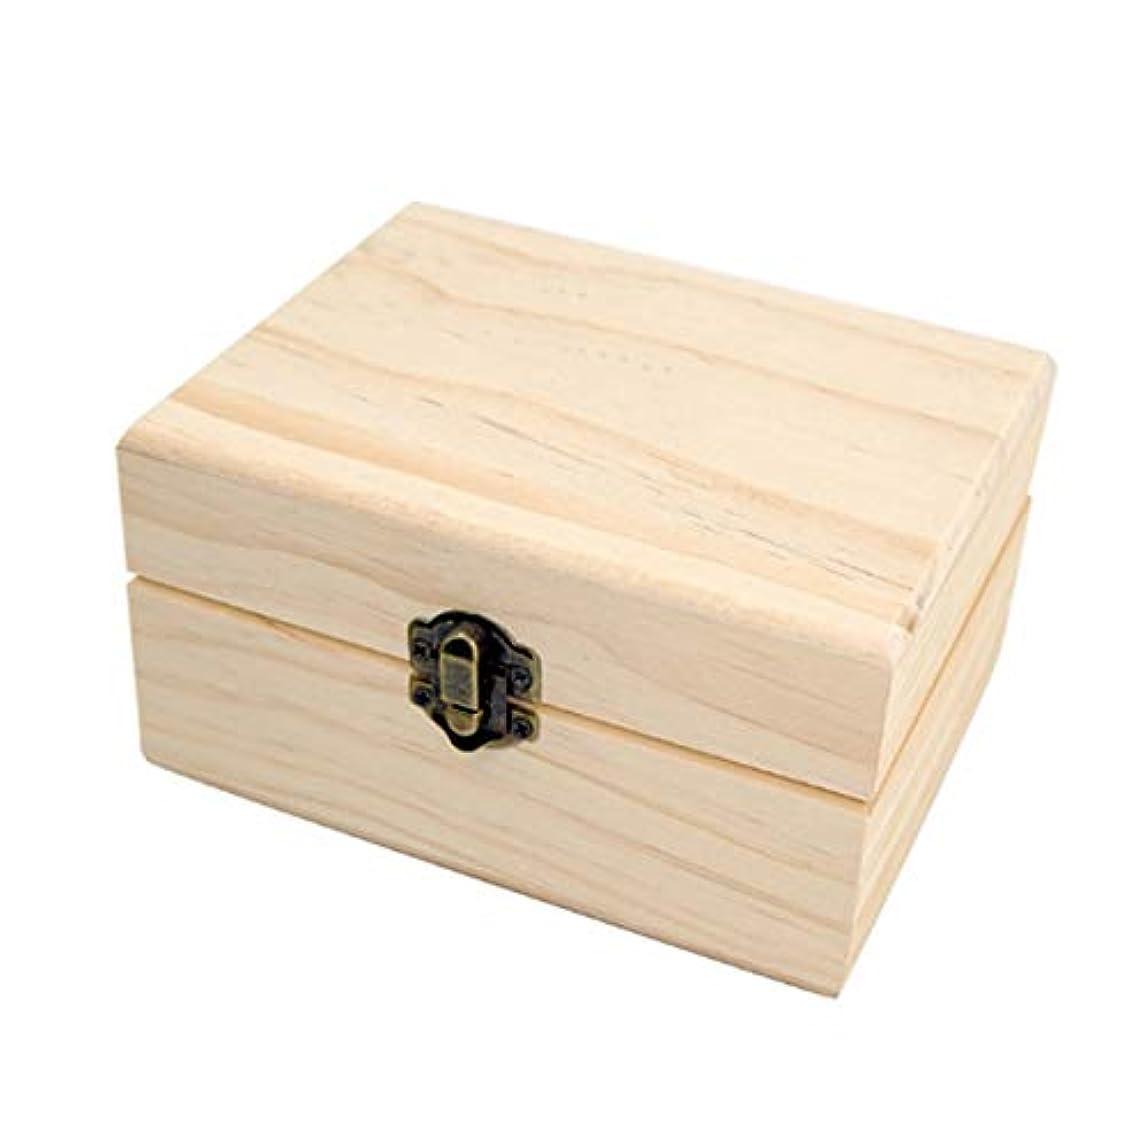 すべて下線大陸フェリモア エッセンシャルオイル 収納ボックス ボトル用 松 木製 格子状 倒れにくい 12マス (ブラウン)